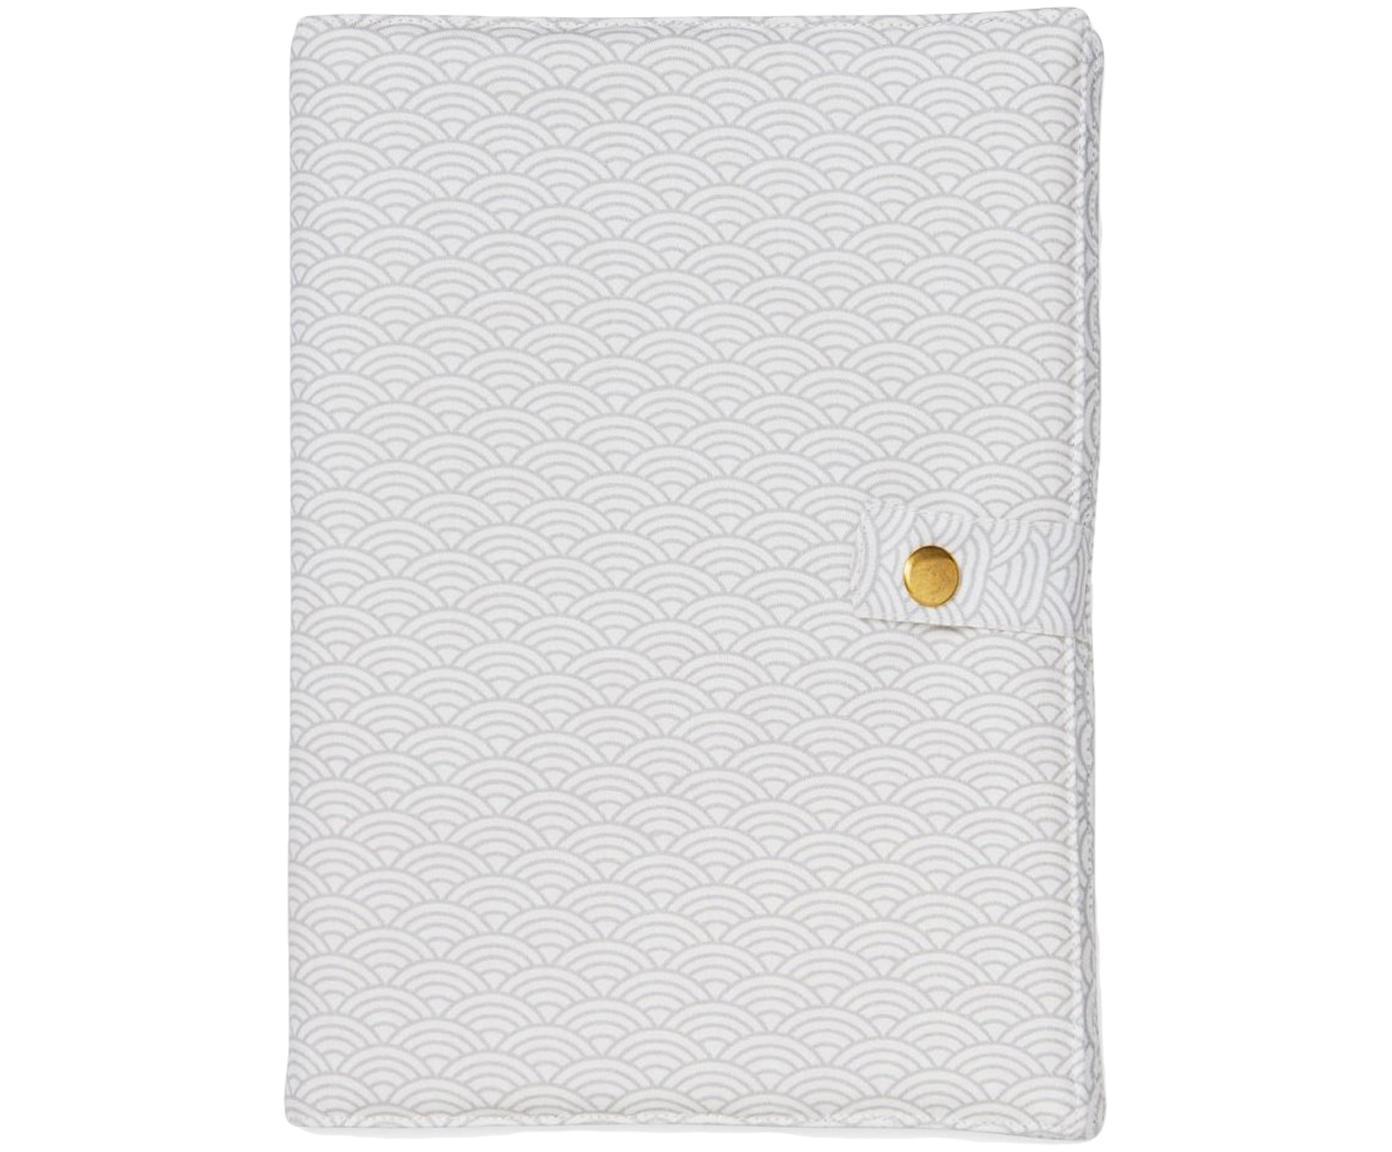 U-Heft-Hülle Wave aus Bio-Baumwolle, Bio-Baumwolle, OCS-zertifiziert, Grau, Weiß, 15 x 21 cm